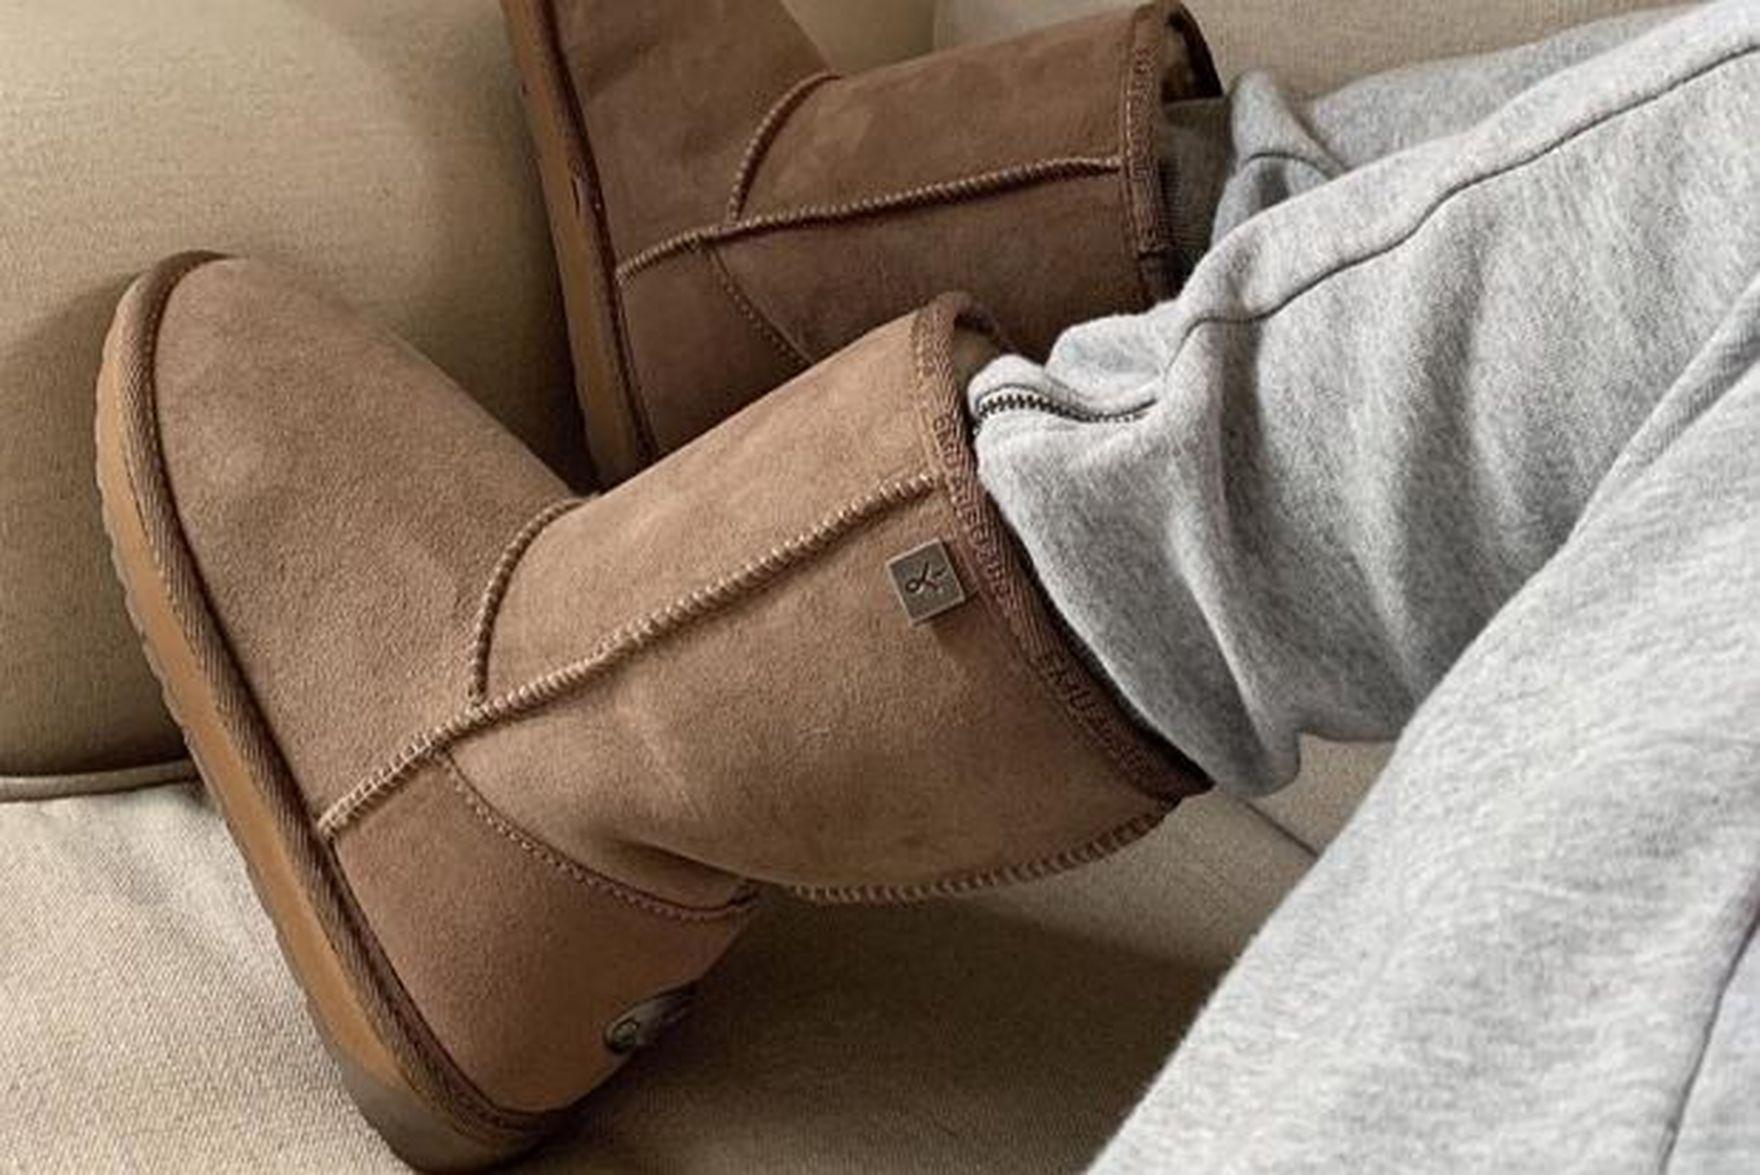 Buty tej marki nie przepuszczają wody i skutecznie ocieplają stopy! Polki je uwielbiają